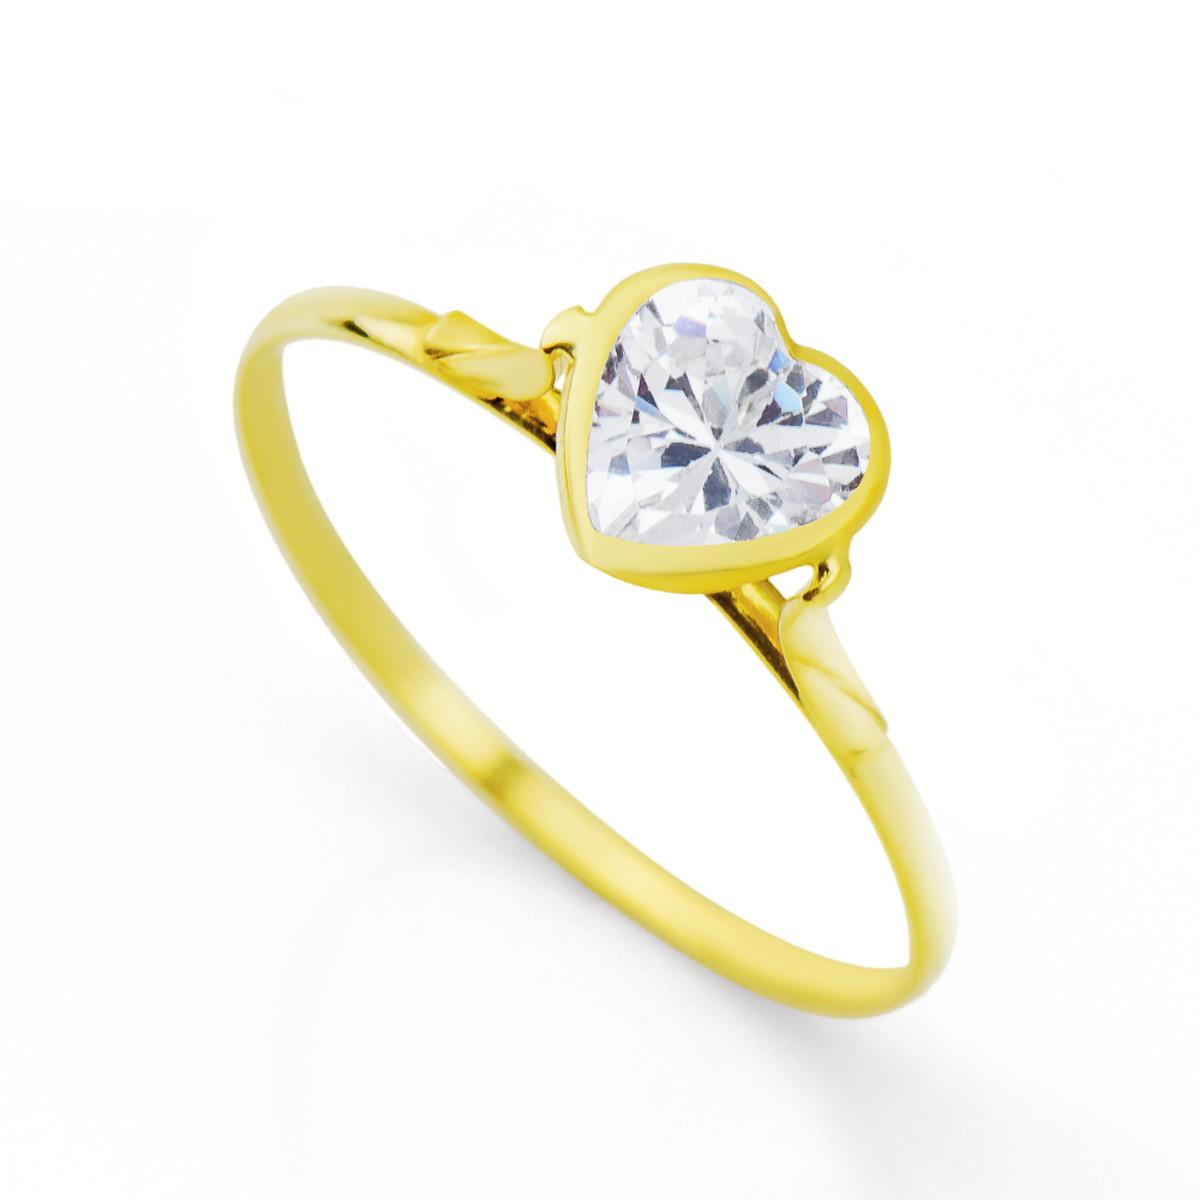 bf8ac47152edc Anel de Ouro 18k Coração com Zircônia no Elo7   LSR Joias (C60A18)